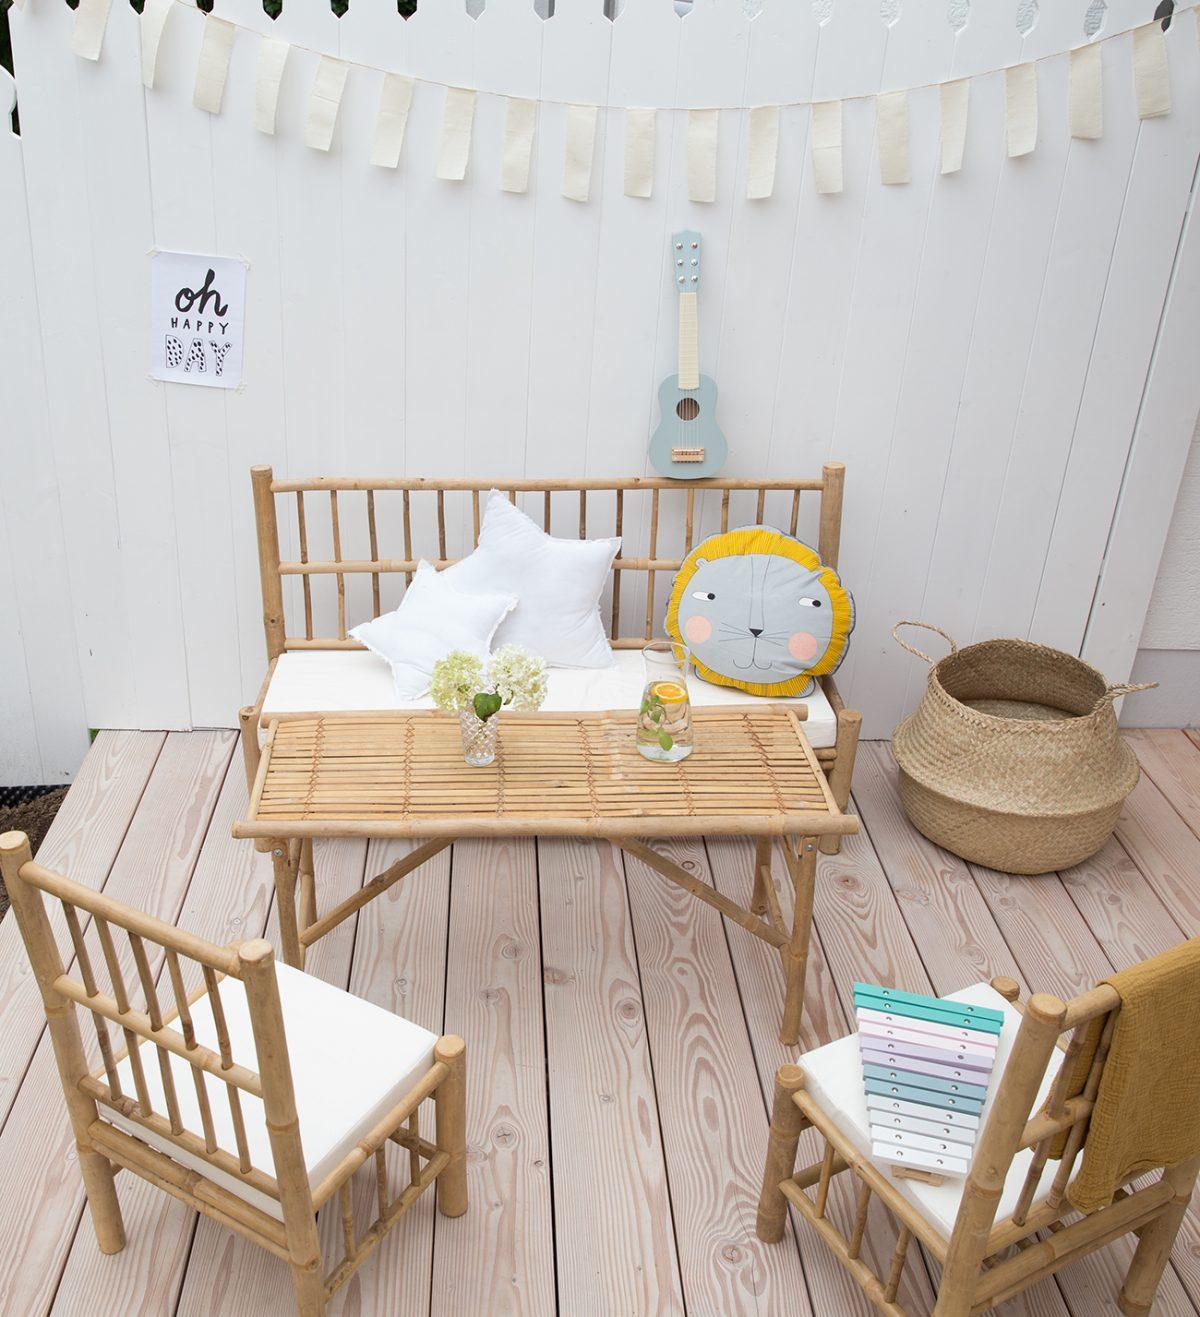 Bambusmöbel für Kinder – Urlaubsfeeling pur